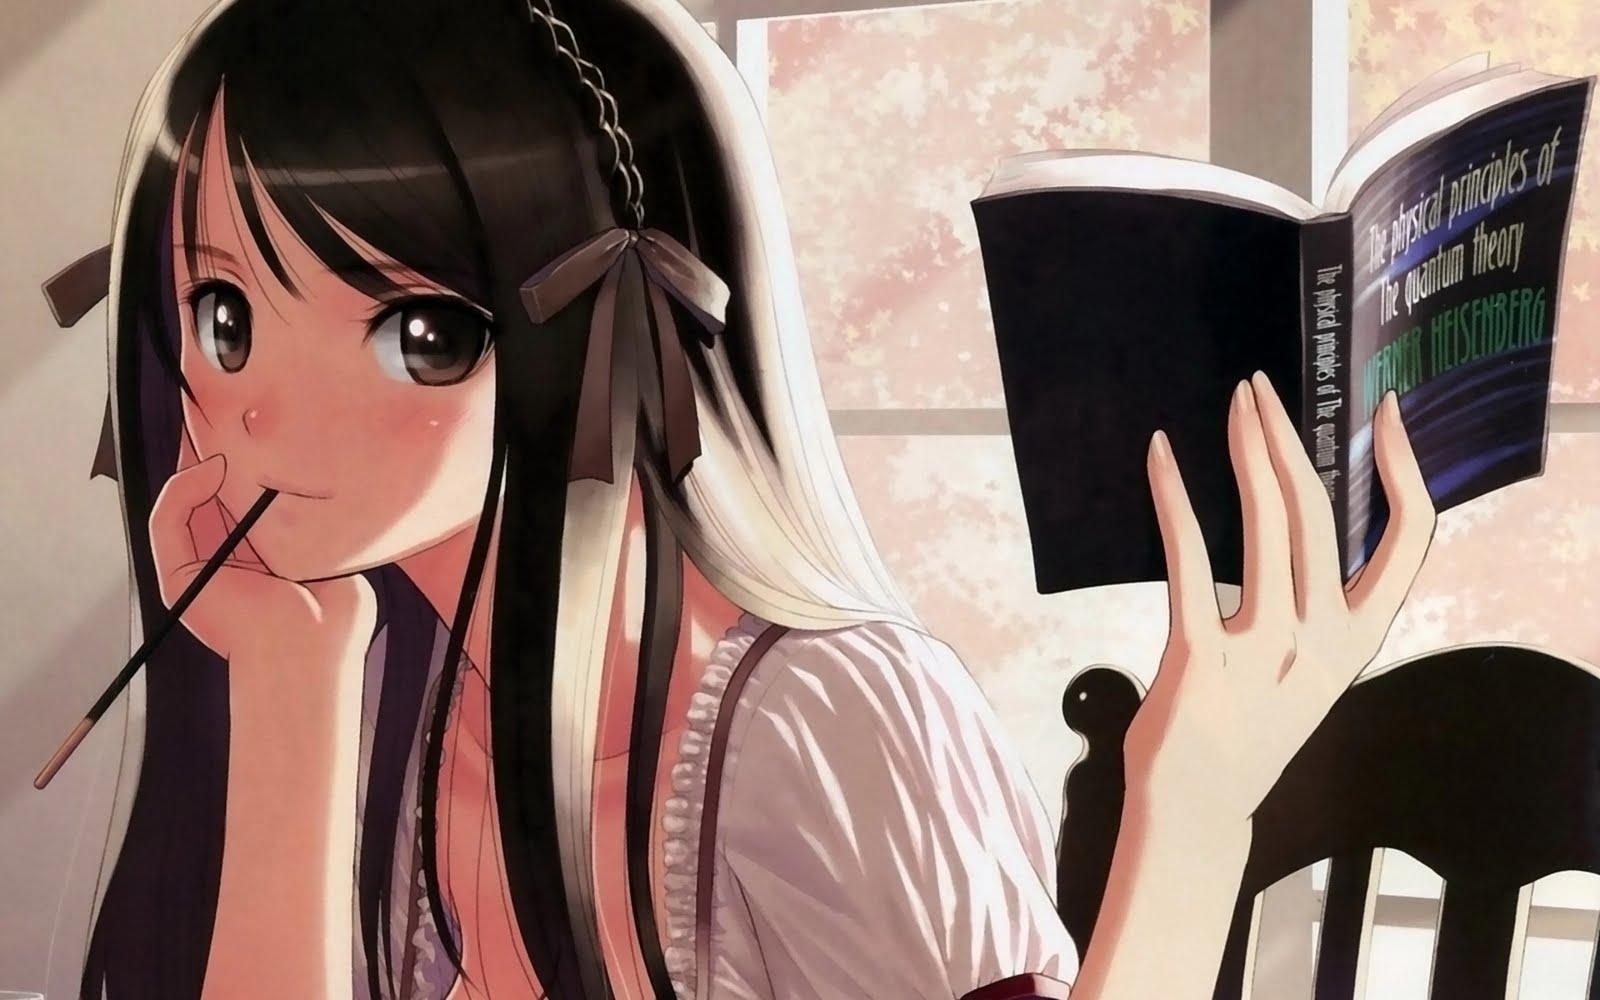 http://3.bp.blogspot.com/-DXKHz52sueM/TlZpaoamJlI/AAAAAAAAC44/5cGmjiYN-QE/s1600/Anime_Girl_Studying_Wallpaper_1920x1200_wallpaperhere.jpg